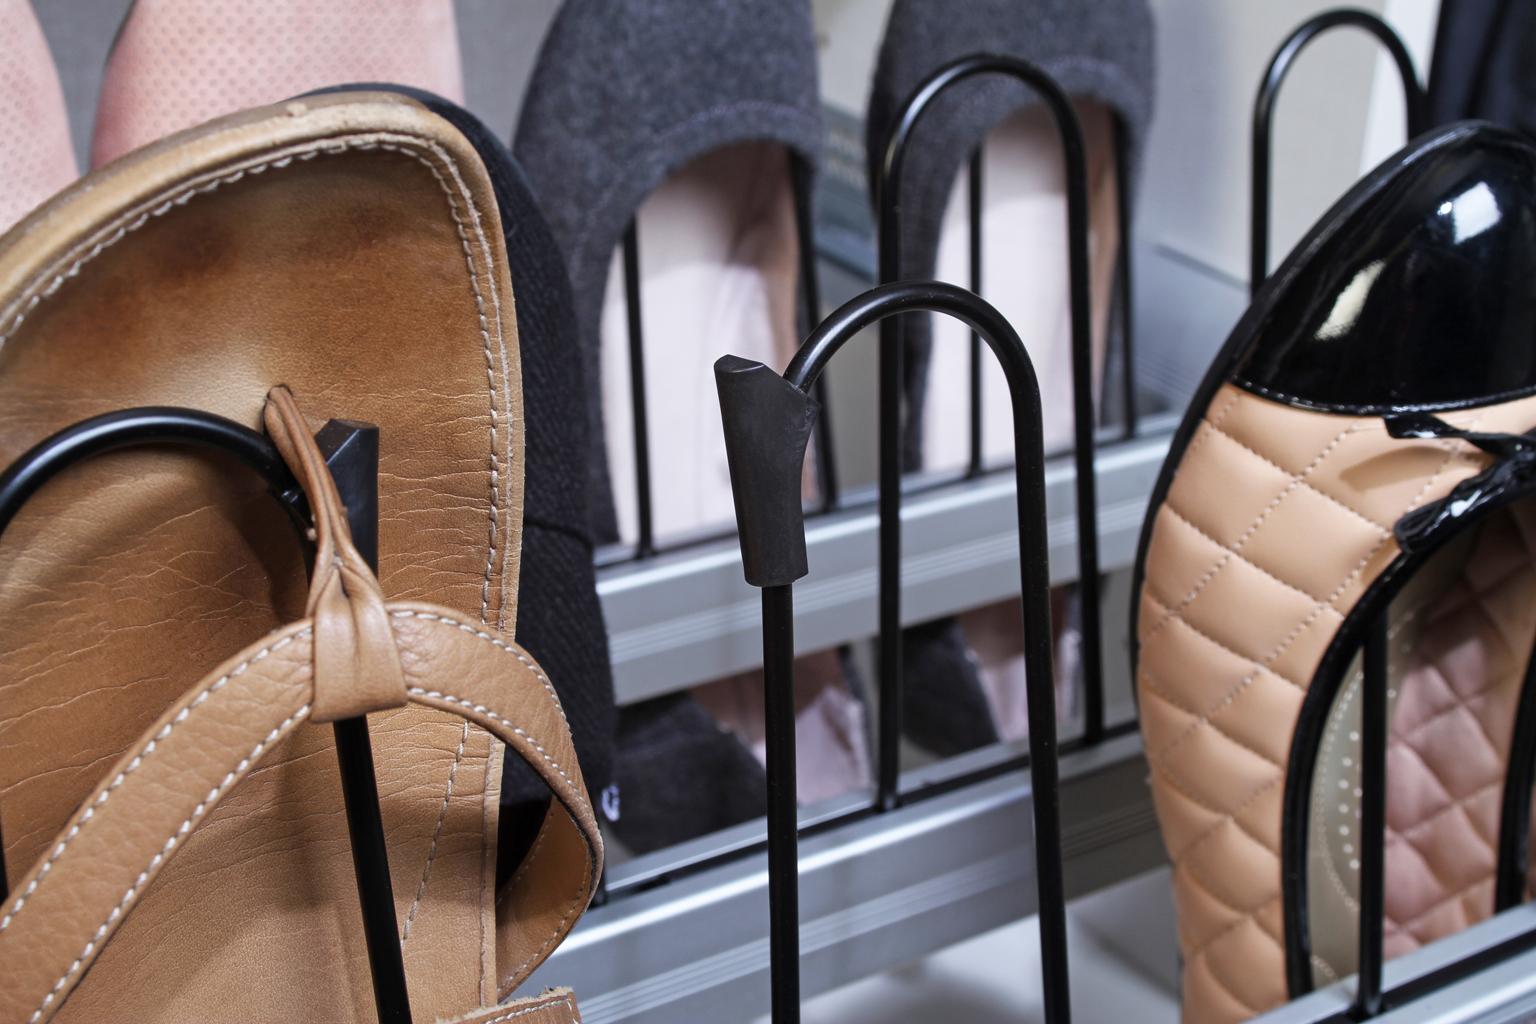 ENGAGE_Shoe-Organizer_MAL (2)